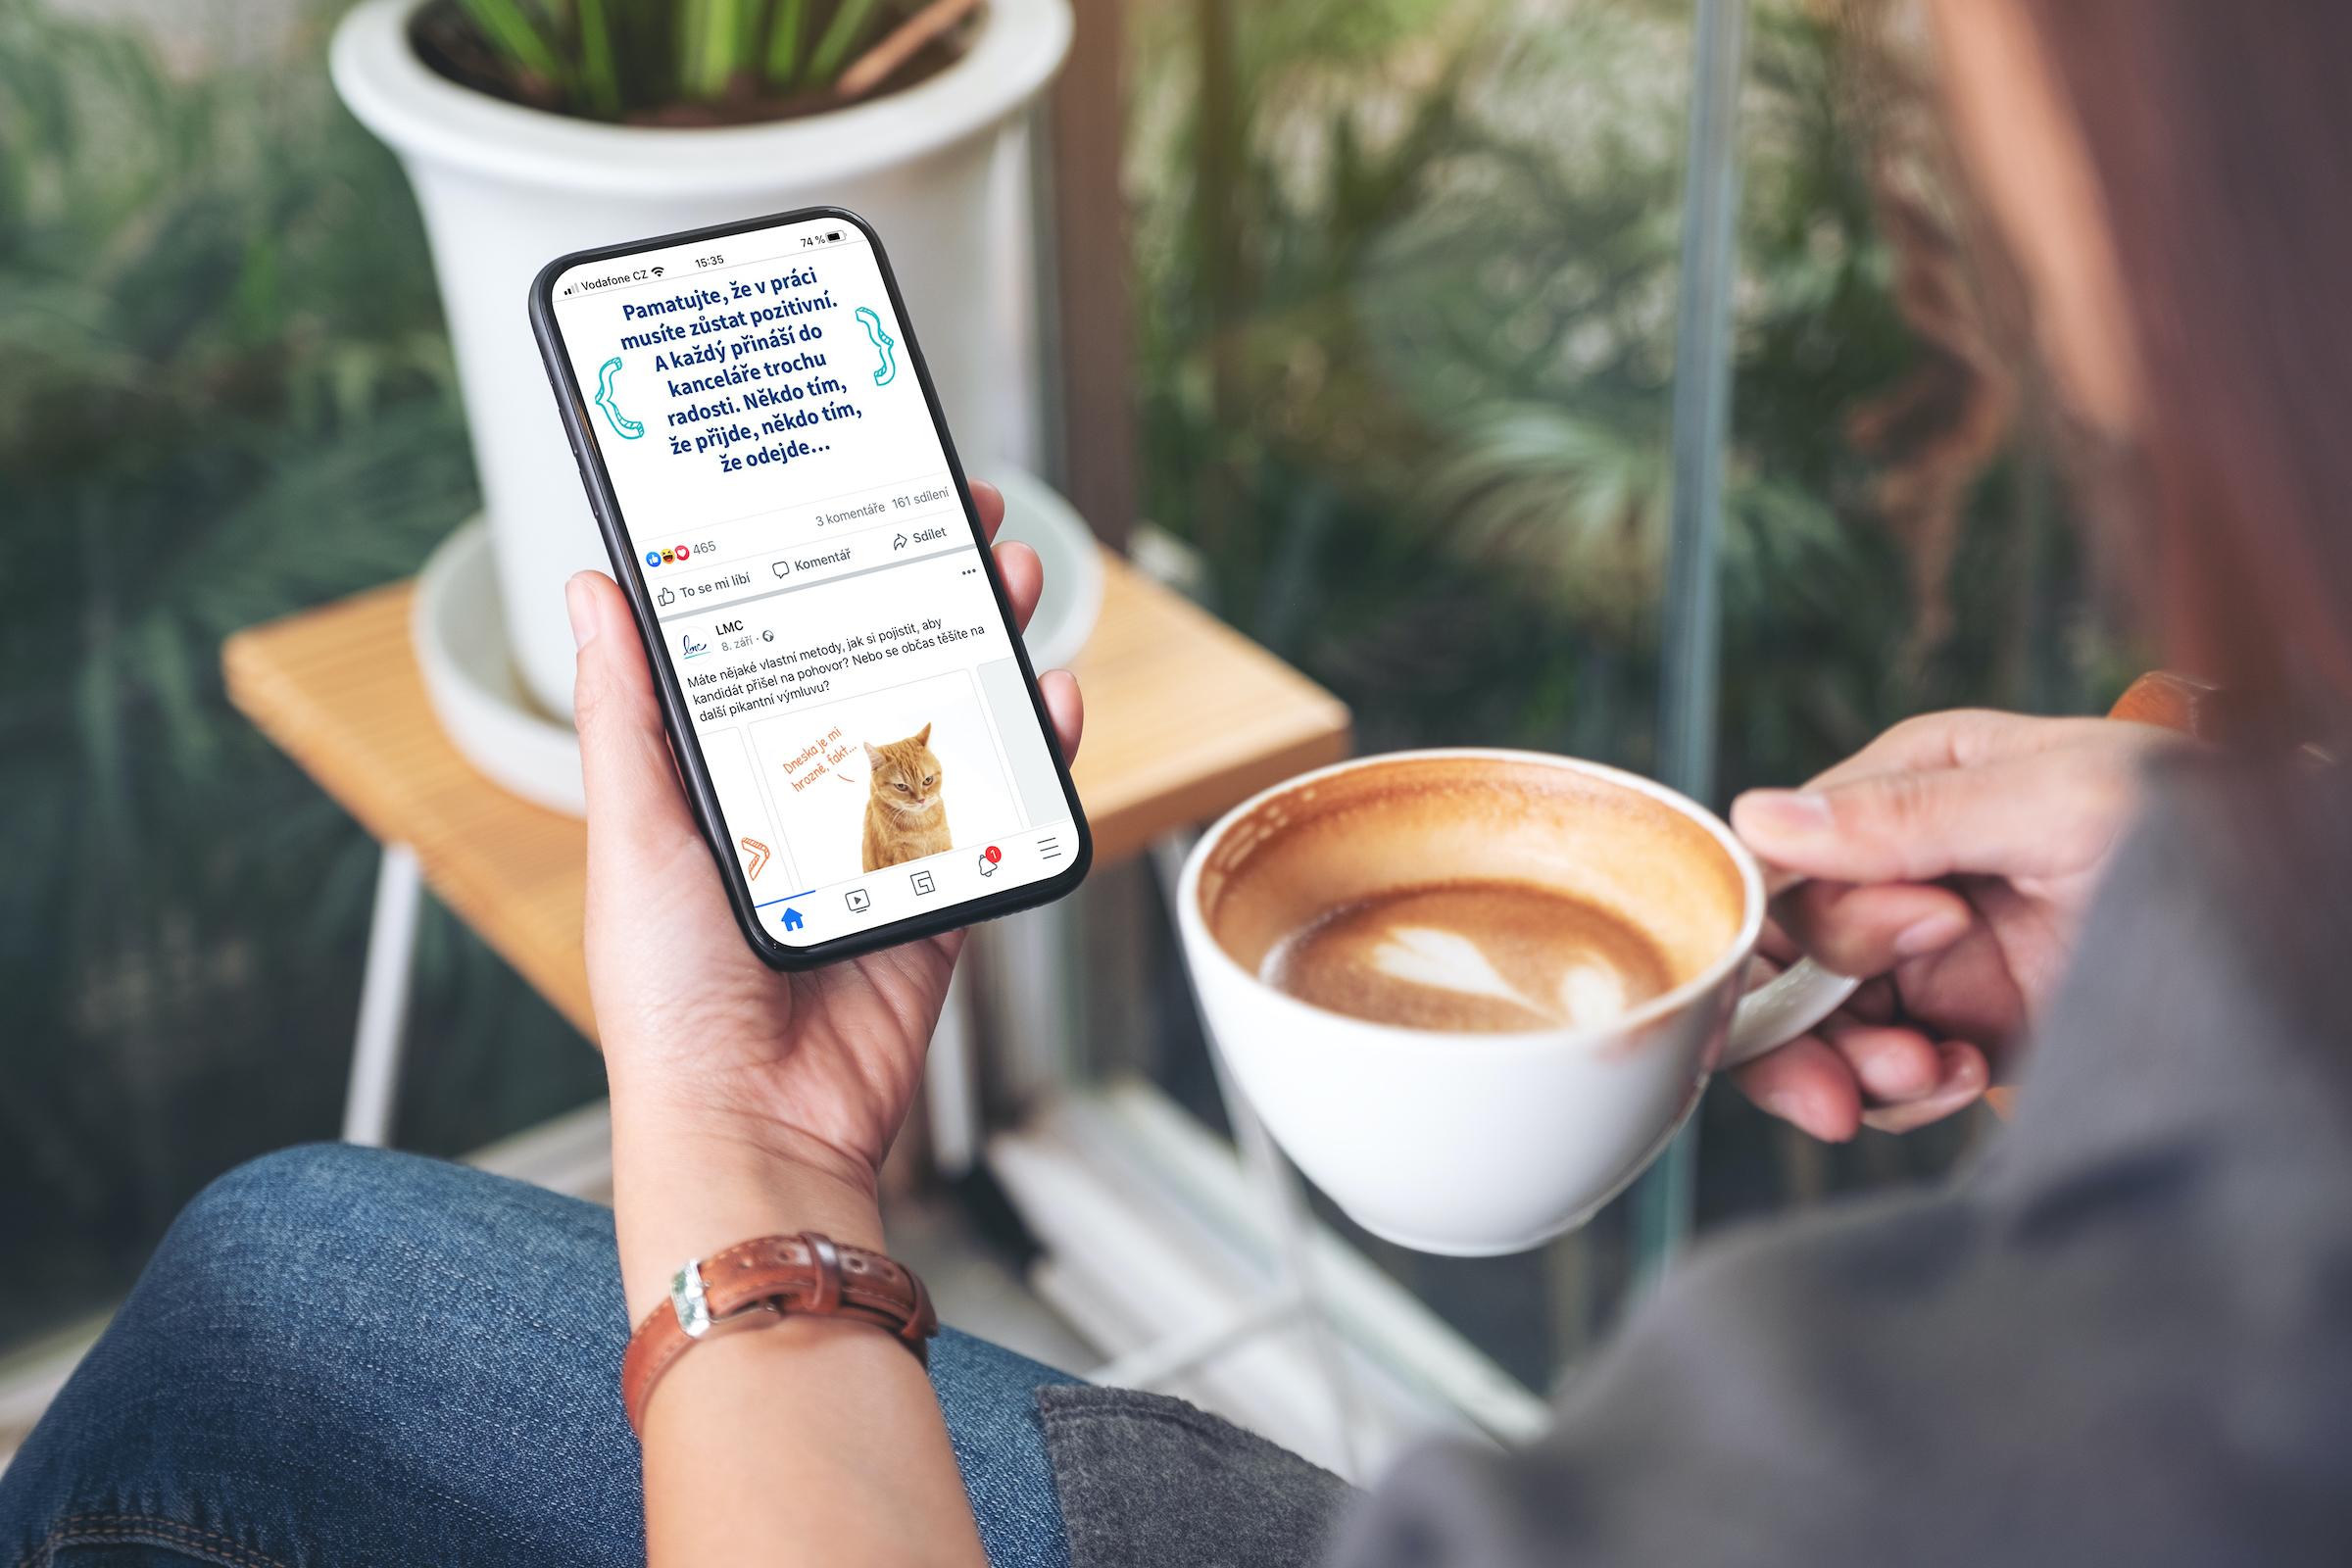 Unikátním přínosem rostoucího content hubu je vedle jeho šíře především způsob měření dopadu firemního obsahu LMC na značku a obchod